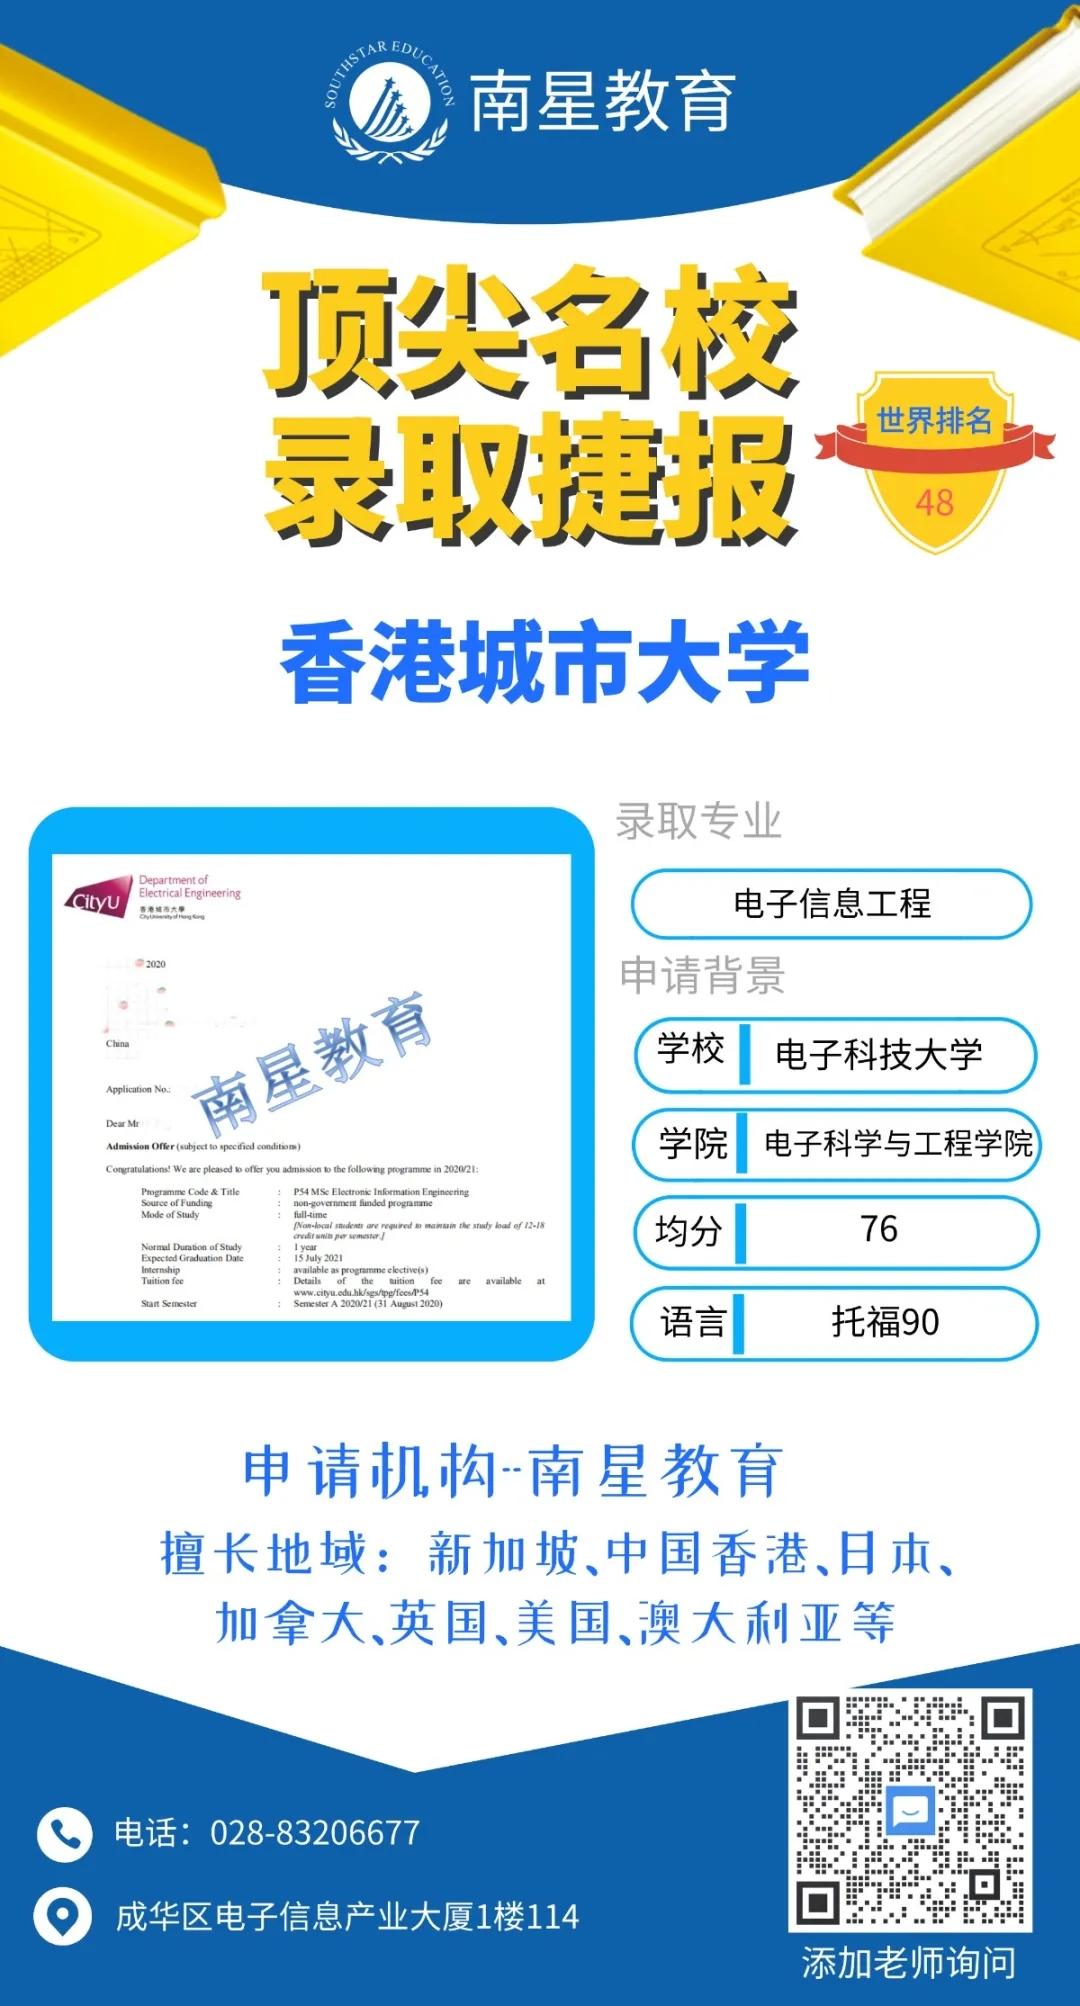 香港城市大学电子信息工程